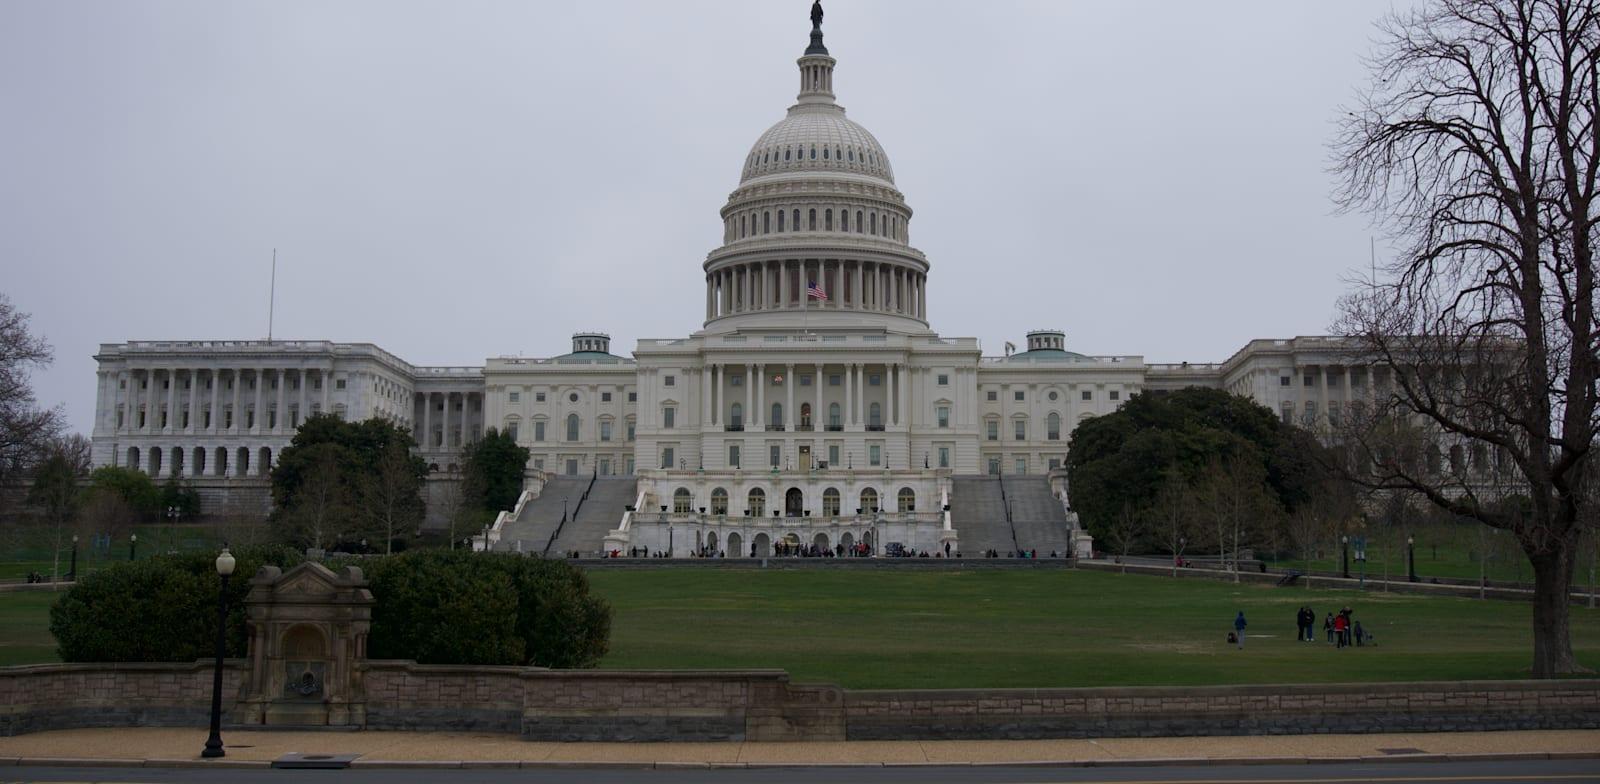 גבעת הקפיטול בוושינגטון / צילום: Shutterstock, Brad Booysen